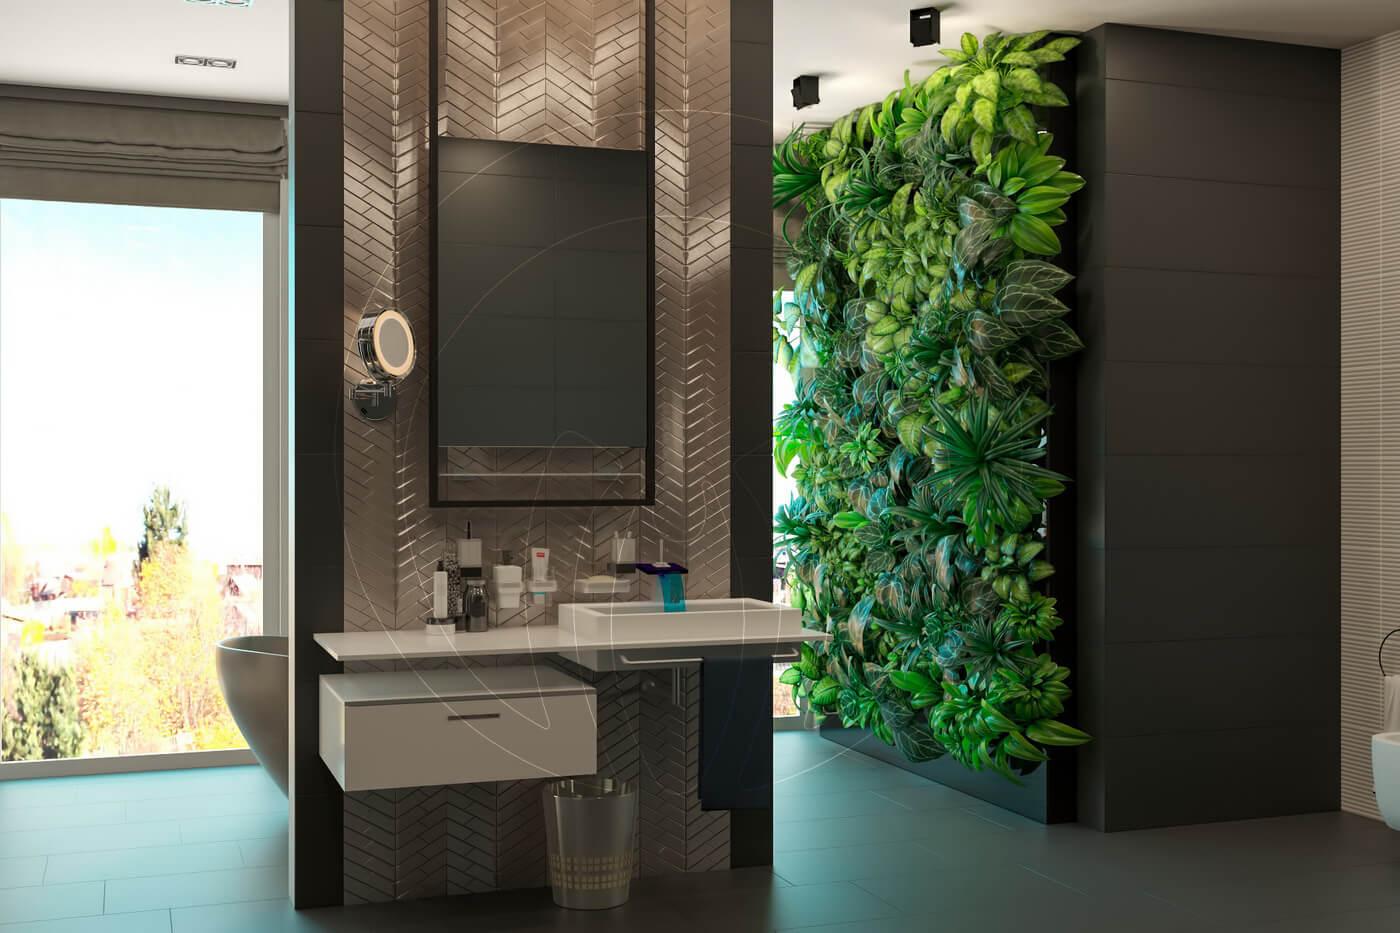 Загородный дом в современном стиле. Ванная комната. Умывальник и фитостена